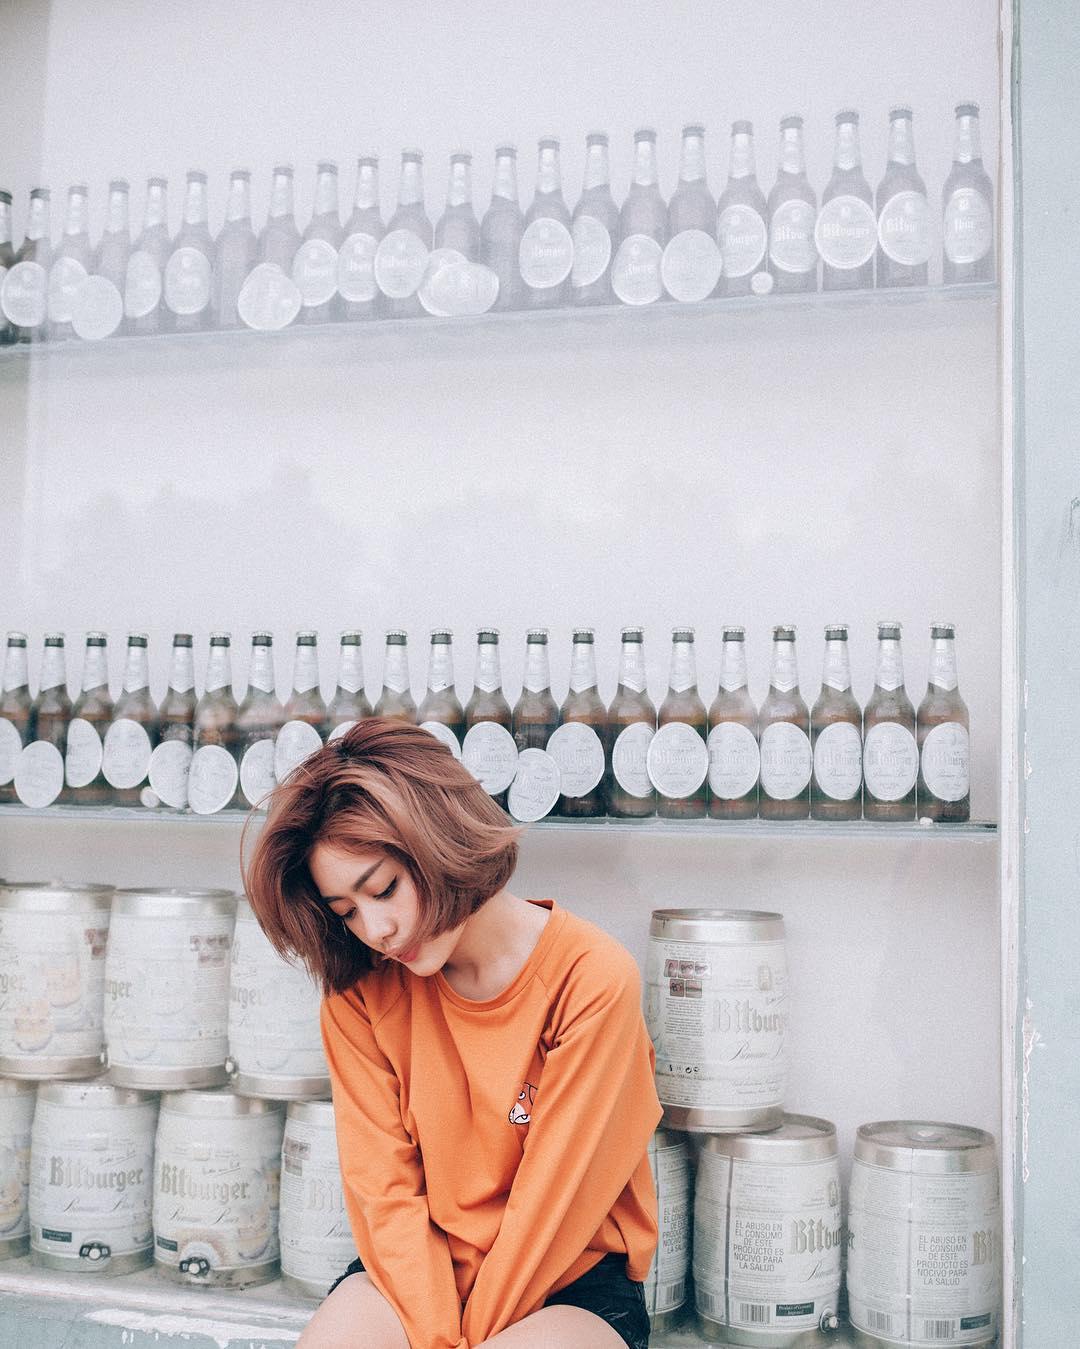 5 màu tóc nhuộm vừa đẹp hết ý lại vừa sành điệu mà bạn nên diện thu này - Ảnh 5.